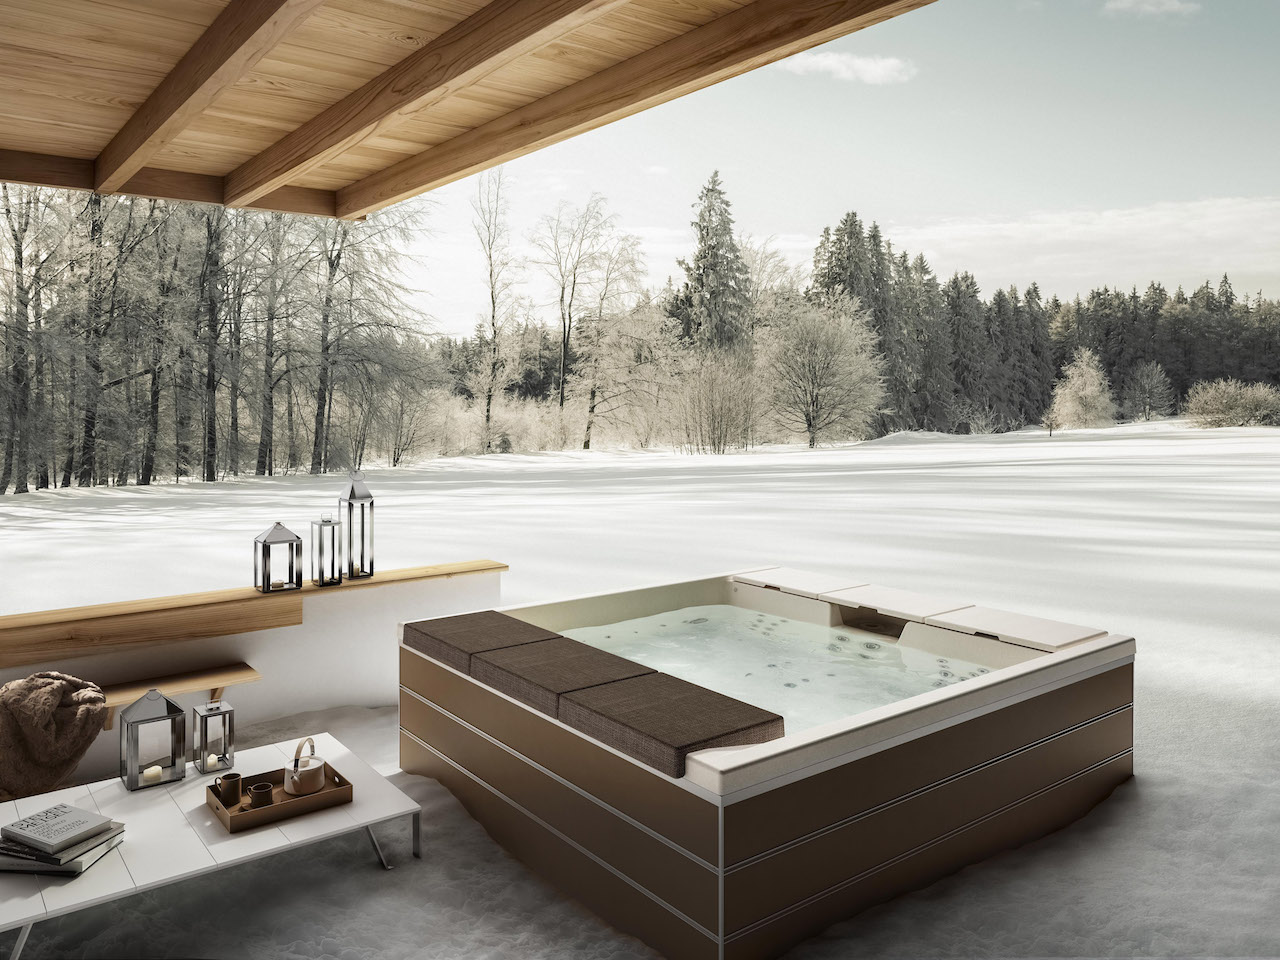 Una minipiscina per un bagno di relax anche in inverno for Se vende jacuzzi exterior